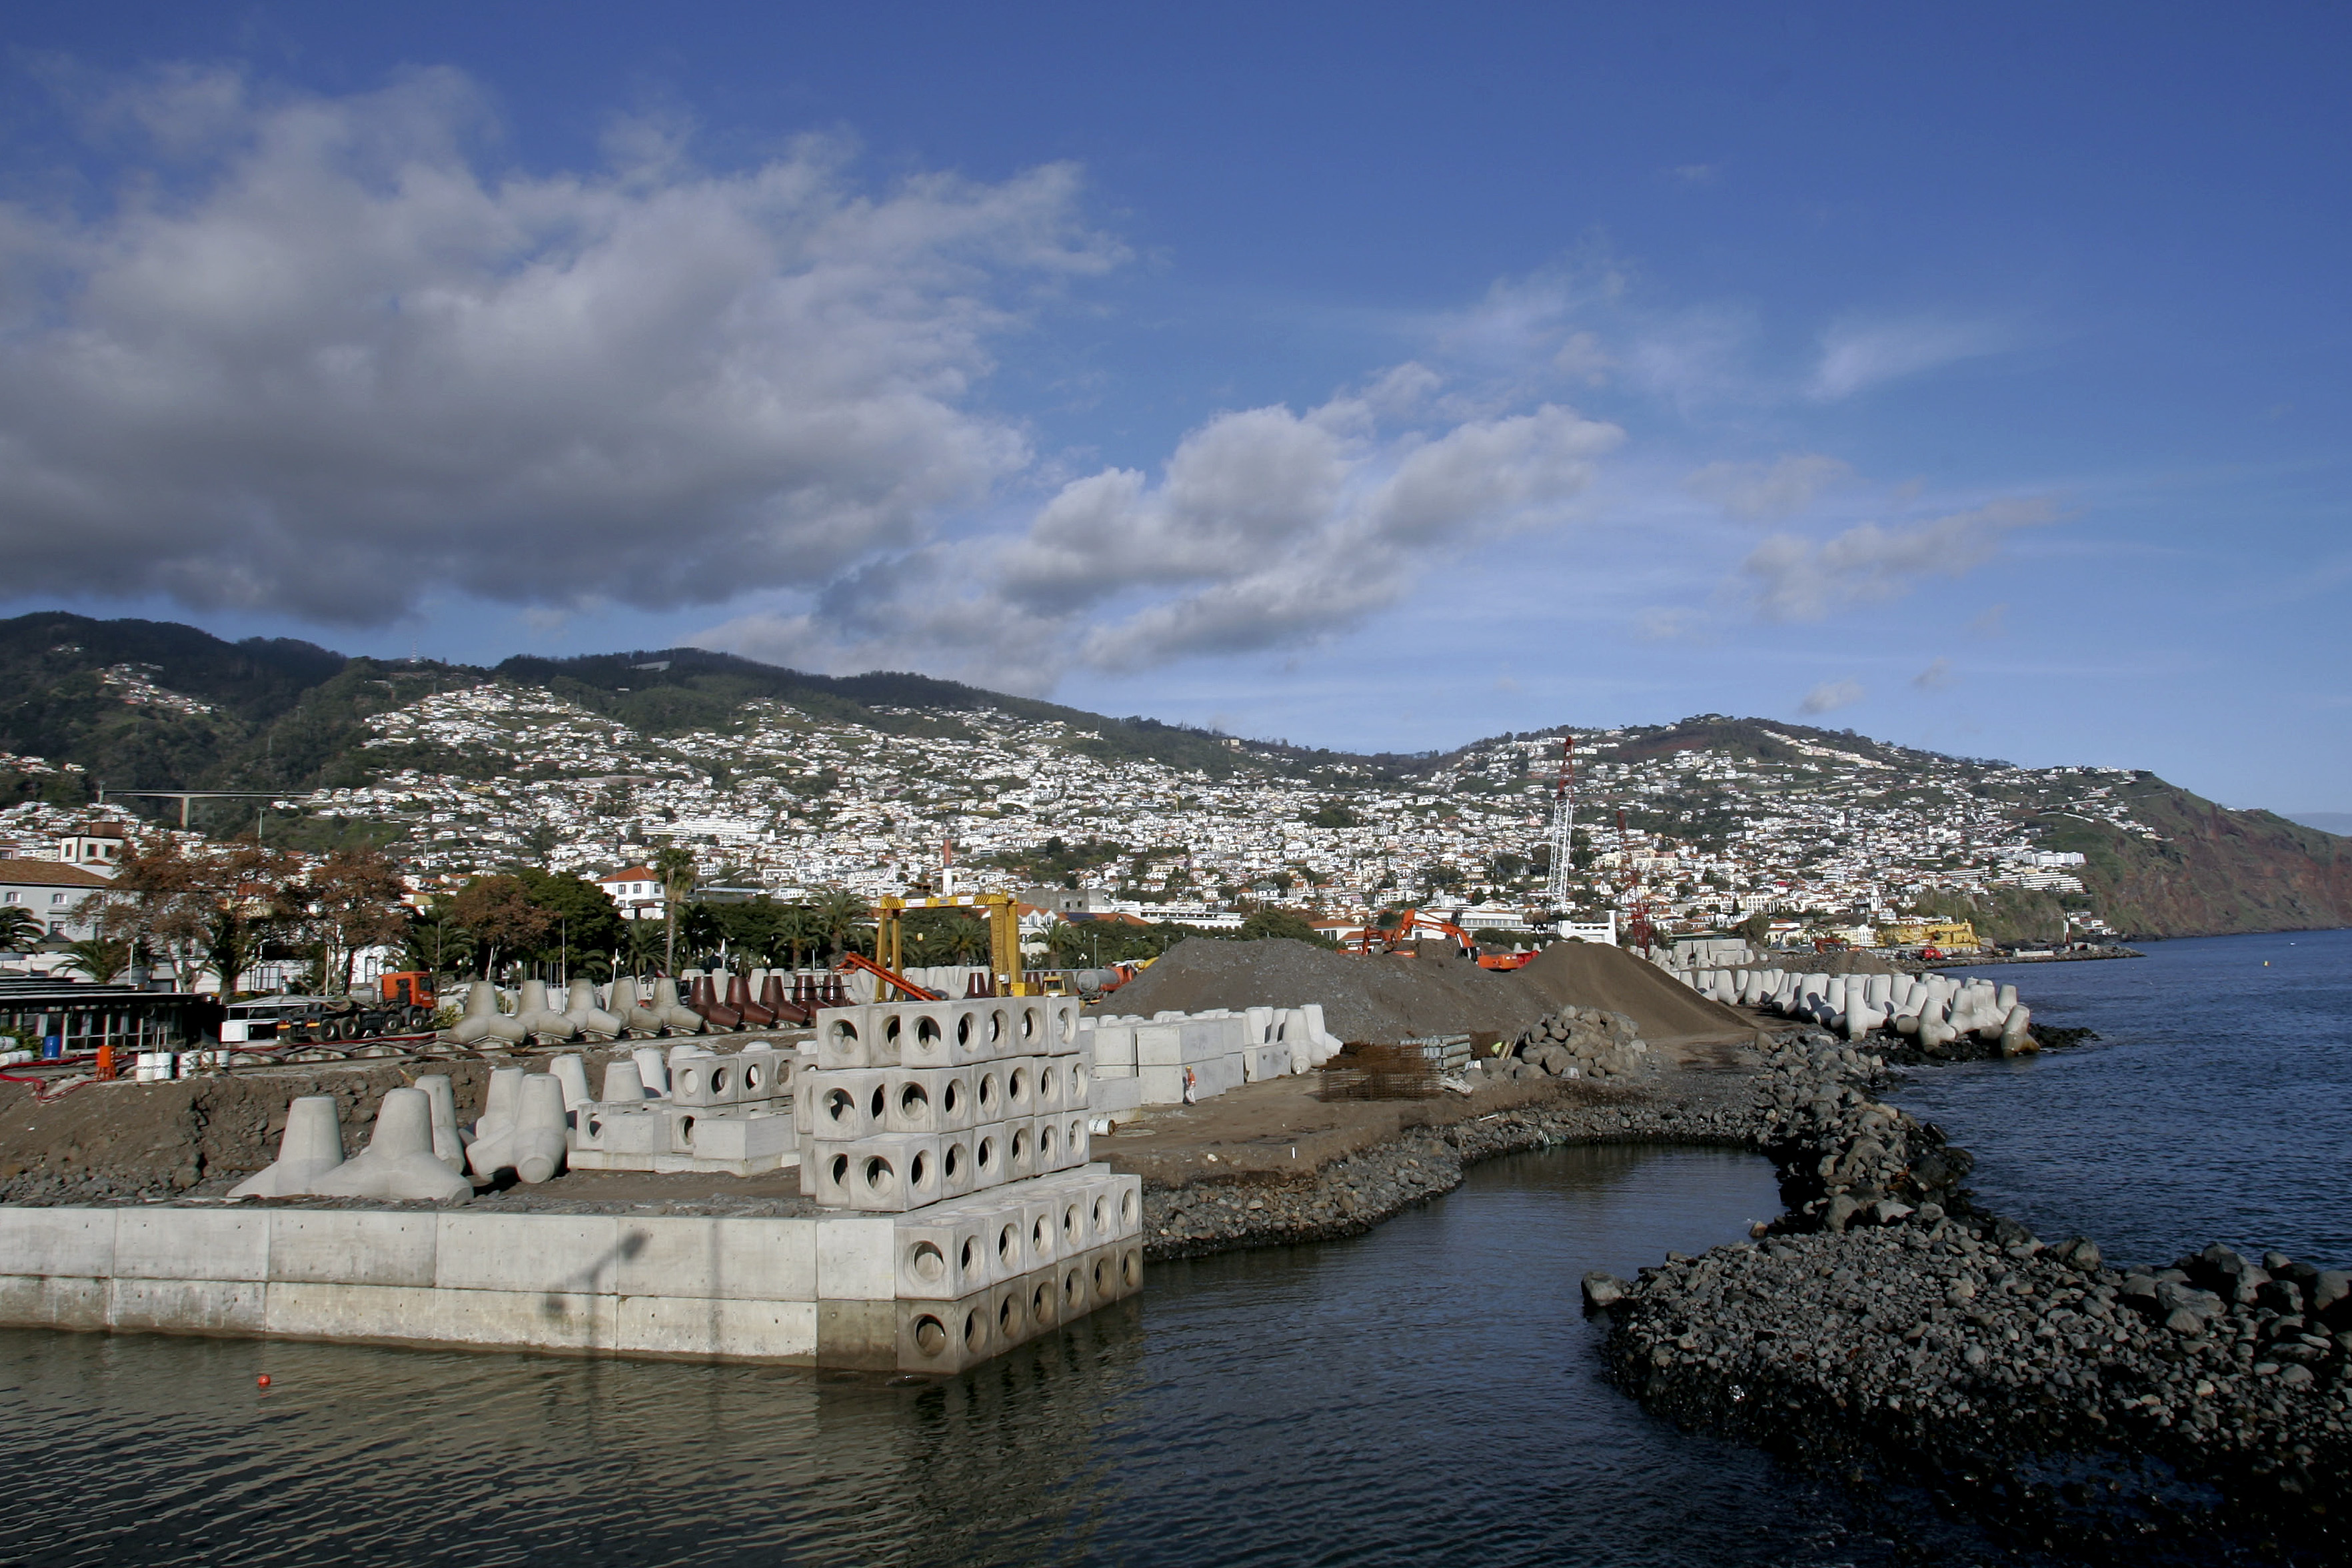 Navegação. Mau tempo obriga a cancelar primeiro 'turnaround' do porto do Funchal